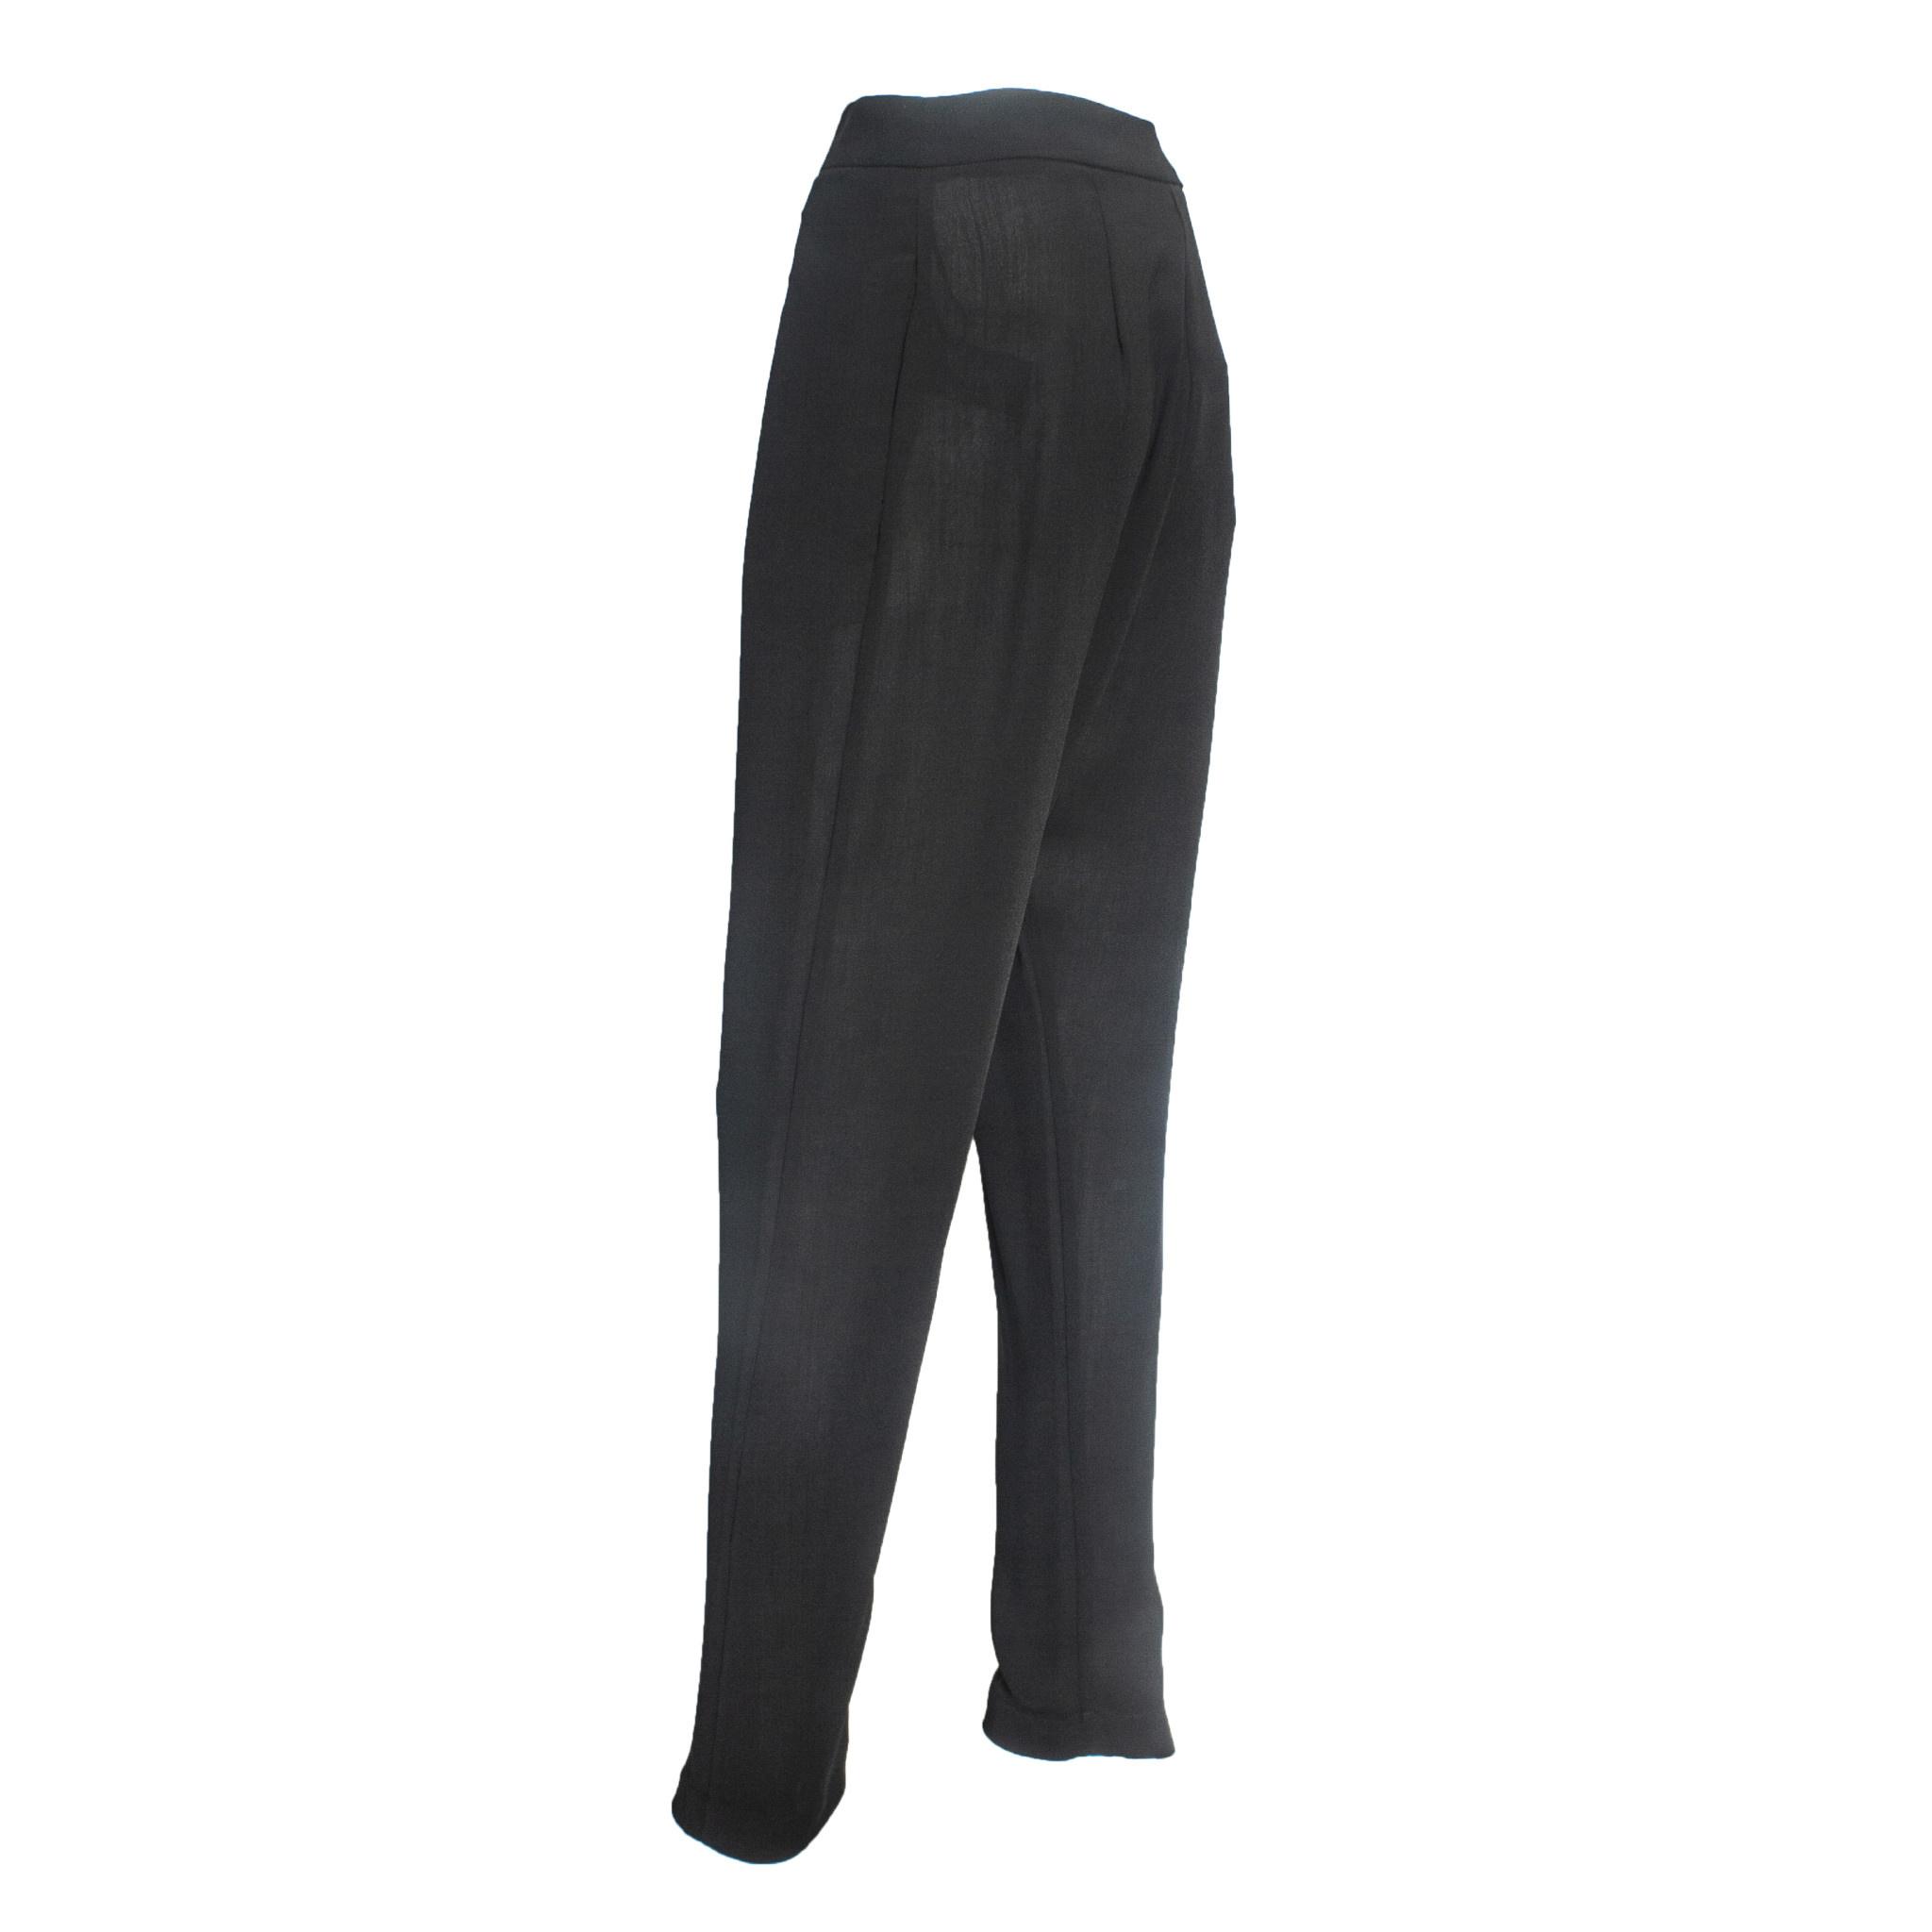 Crea Concept Crea Concept Wrap Front Pants - Black